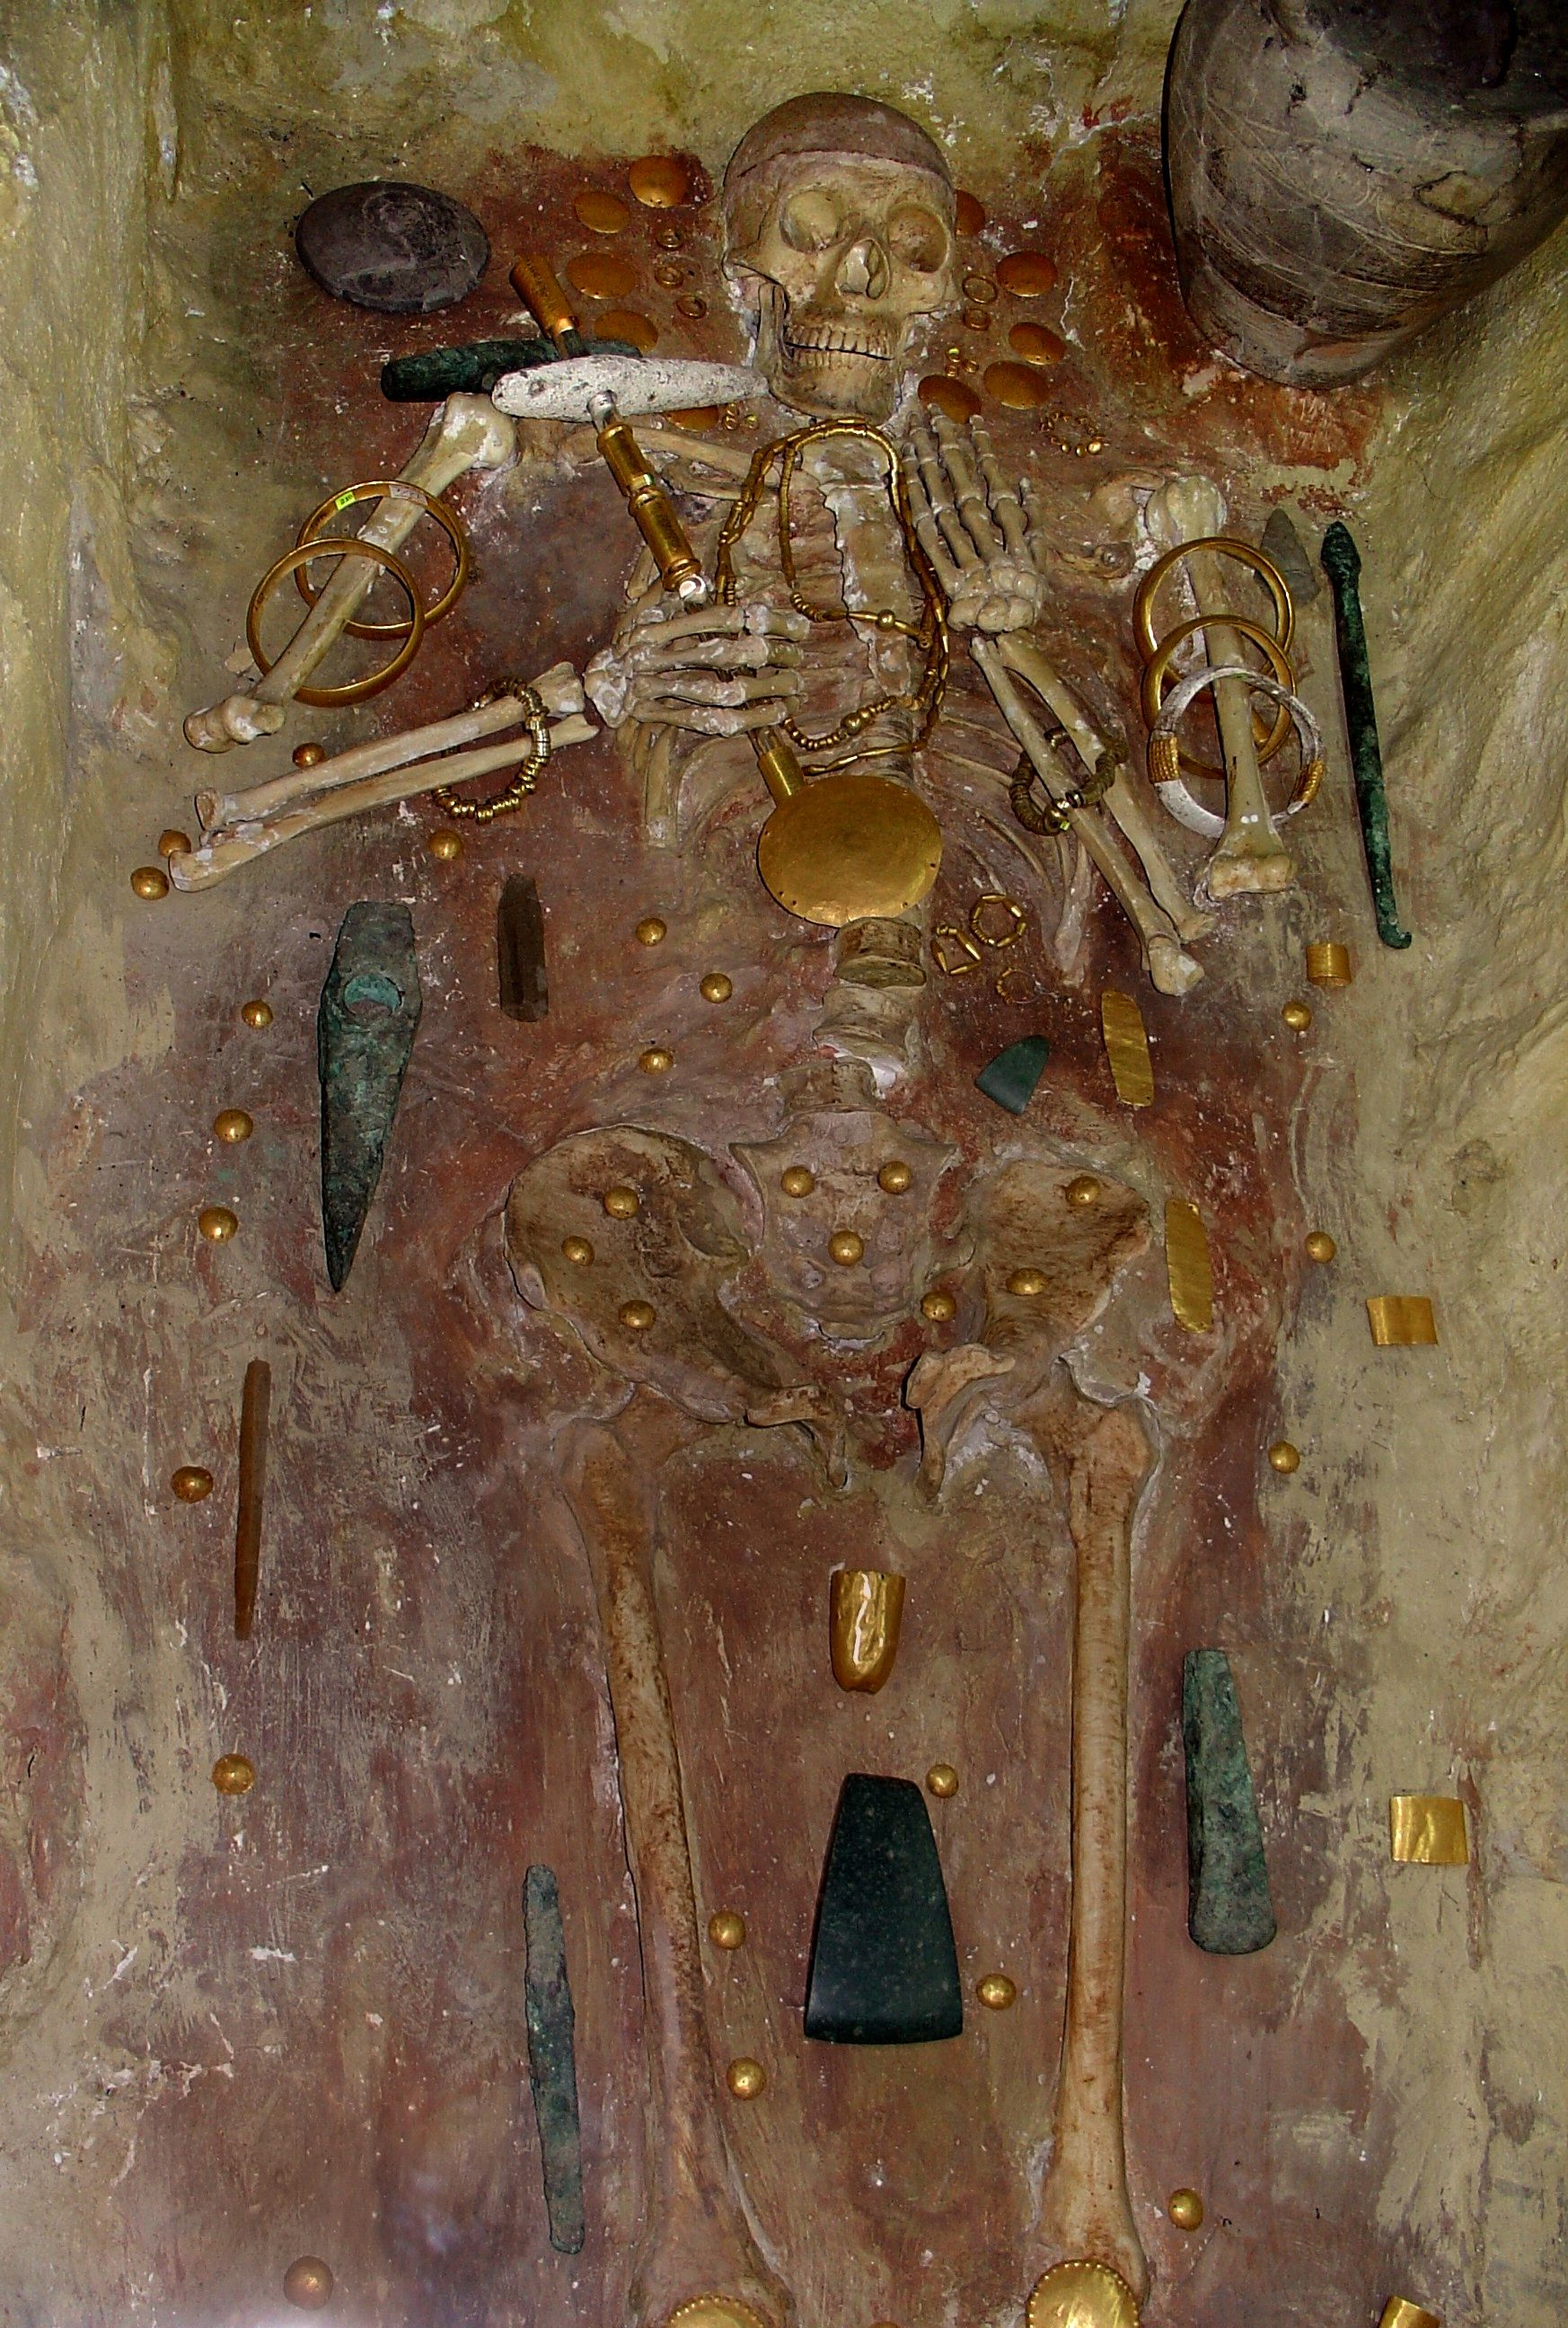 Część grobów na prehistorycznym cmentarzysku niedaleko Warny zawierała prawdziwe skarby.